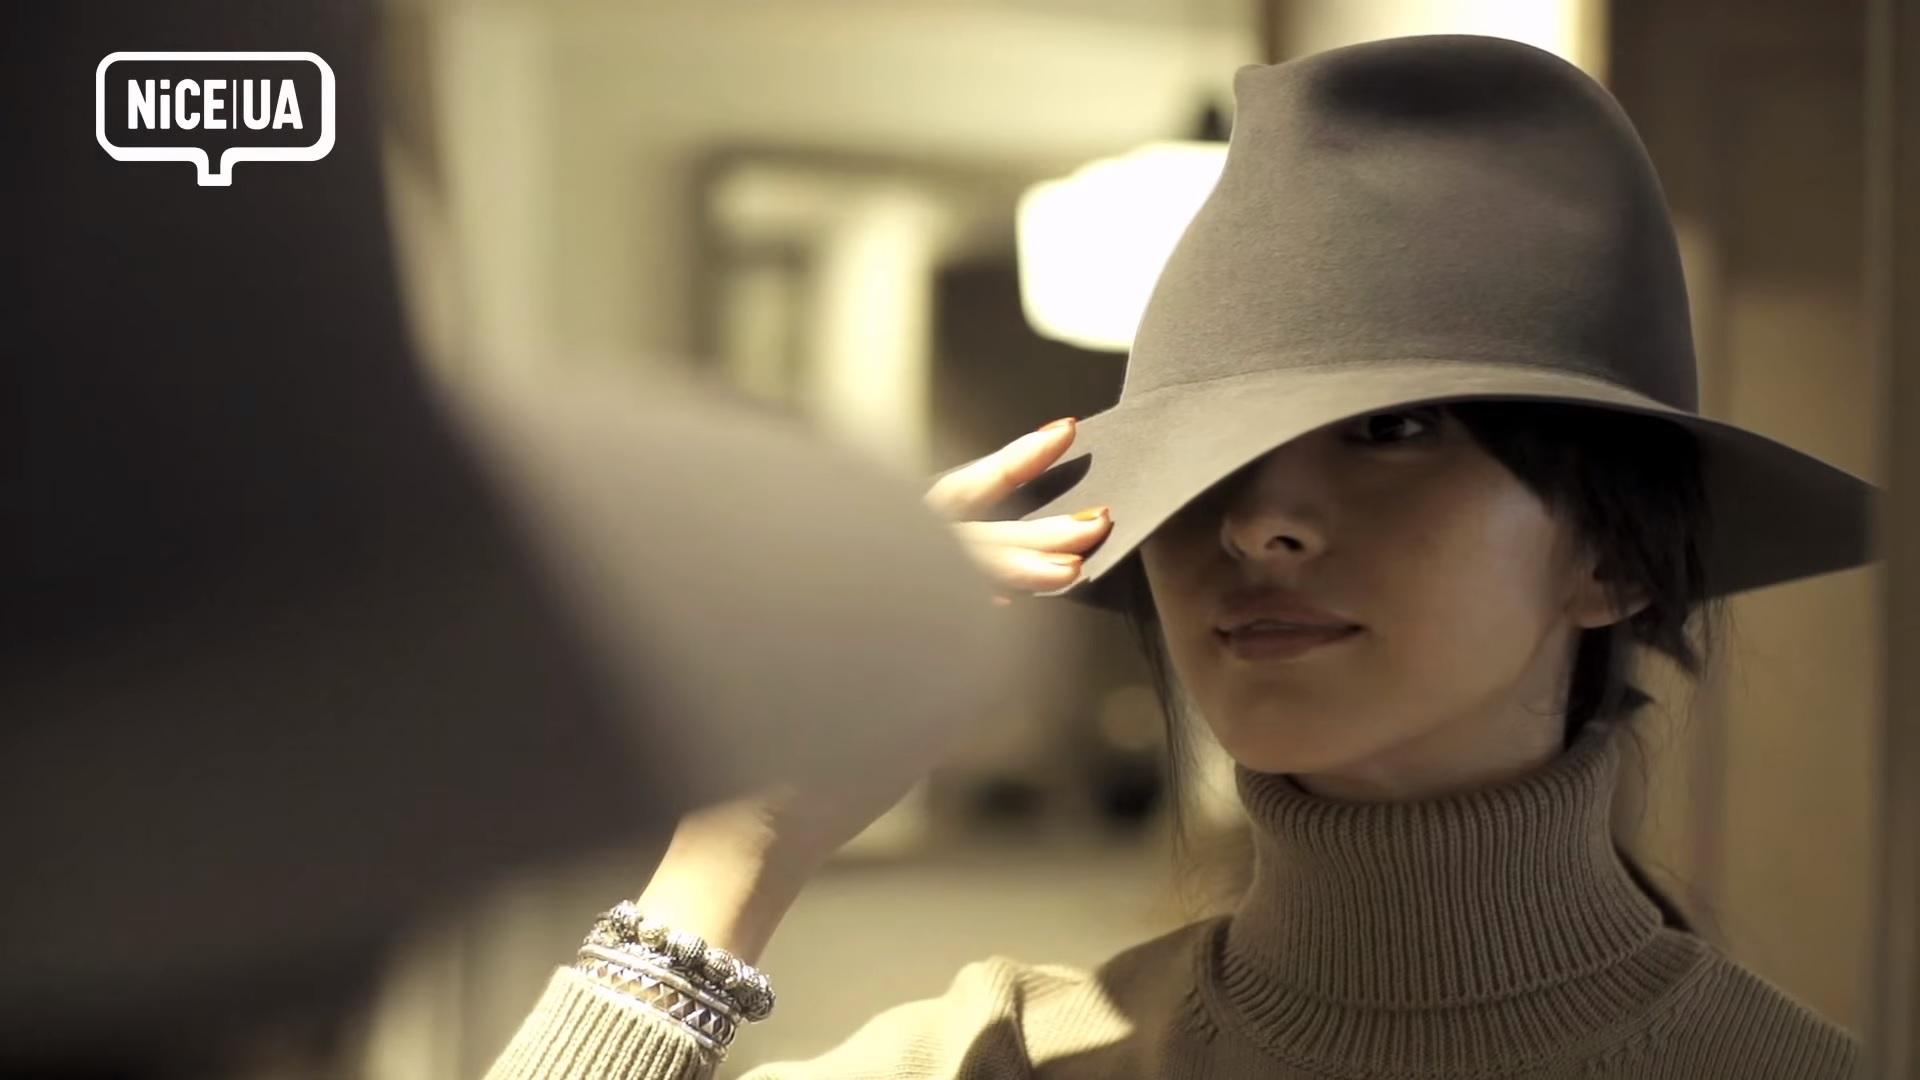 UA (2) ユナイテッド・アローズ モデルのクリス-ウェブ 佳子が普段使いしやすいハットを探して、帽子デザイナー木島隆幸のアトリエを訪れた。